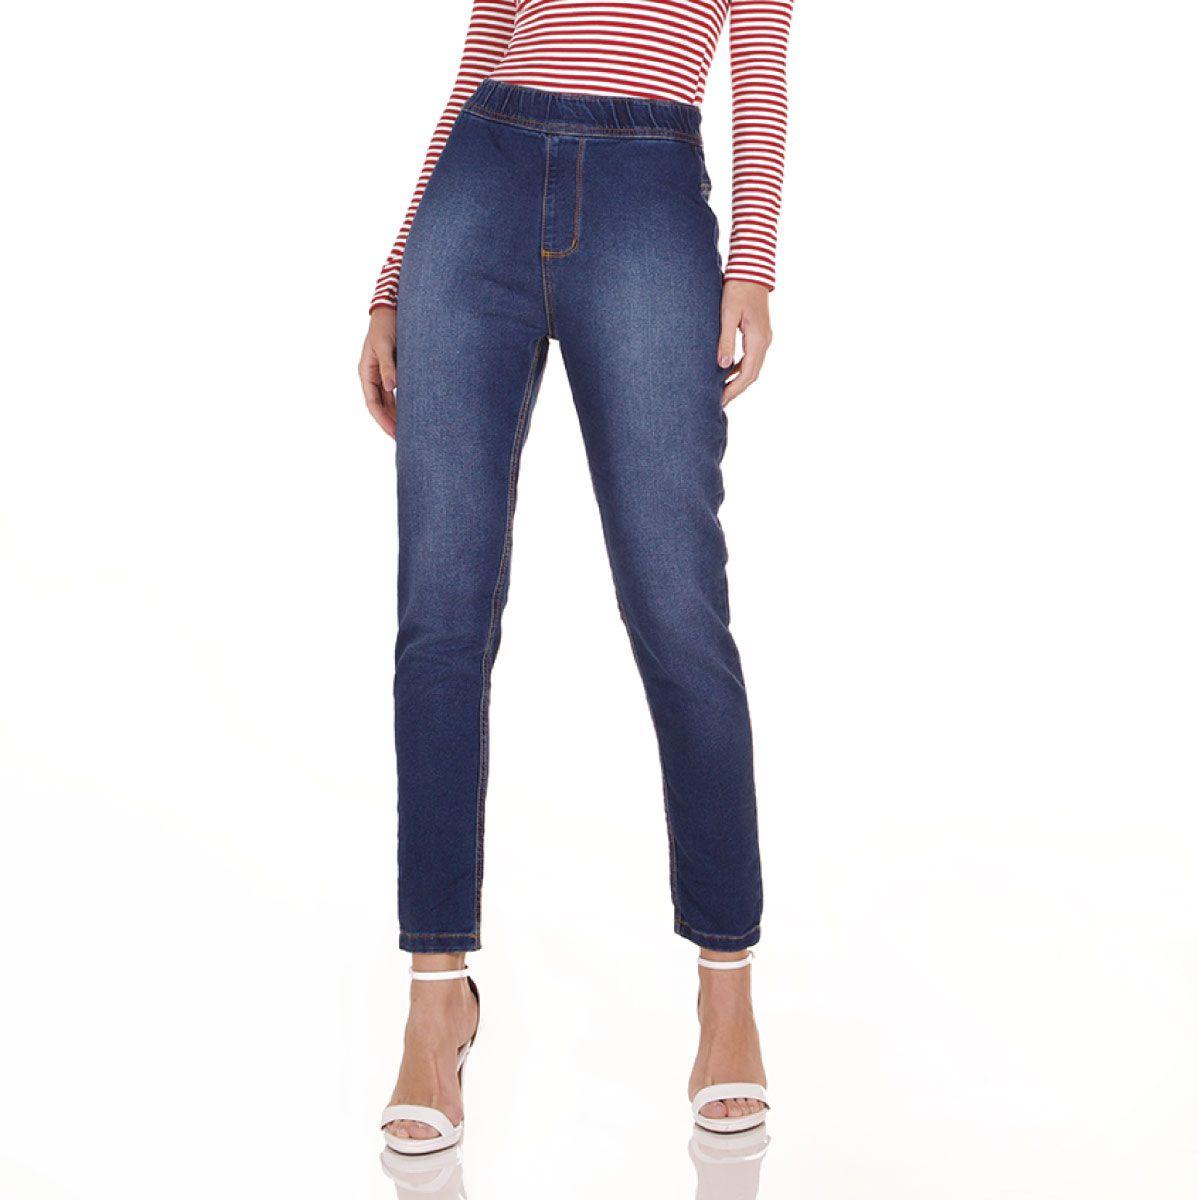 Calça Jeans Areazul Comfort Feminina